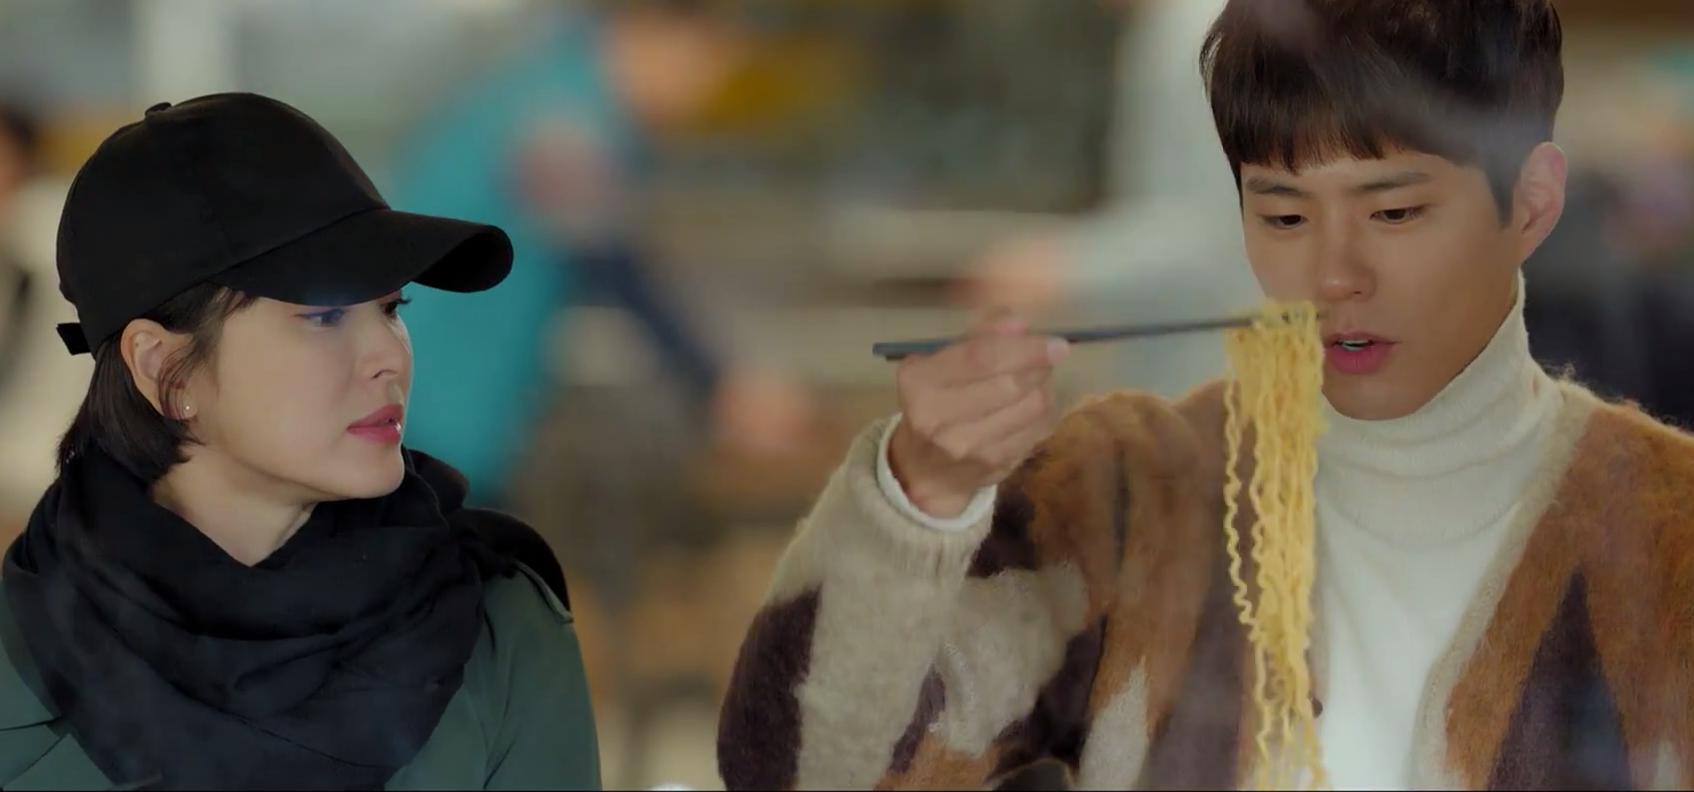 차수현 (송혜교)과 김진혁 (박 보금)이 밋업에서라면과 즐거운 시간을 보내고있다.  사진 : Netflix